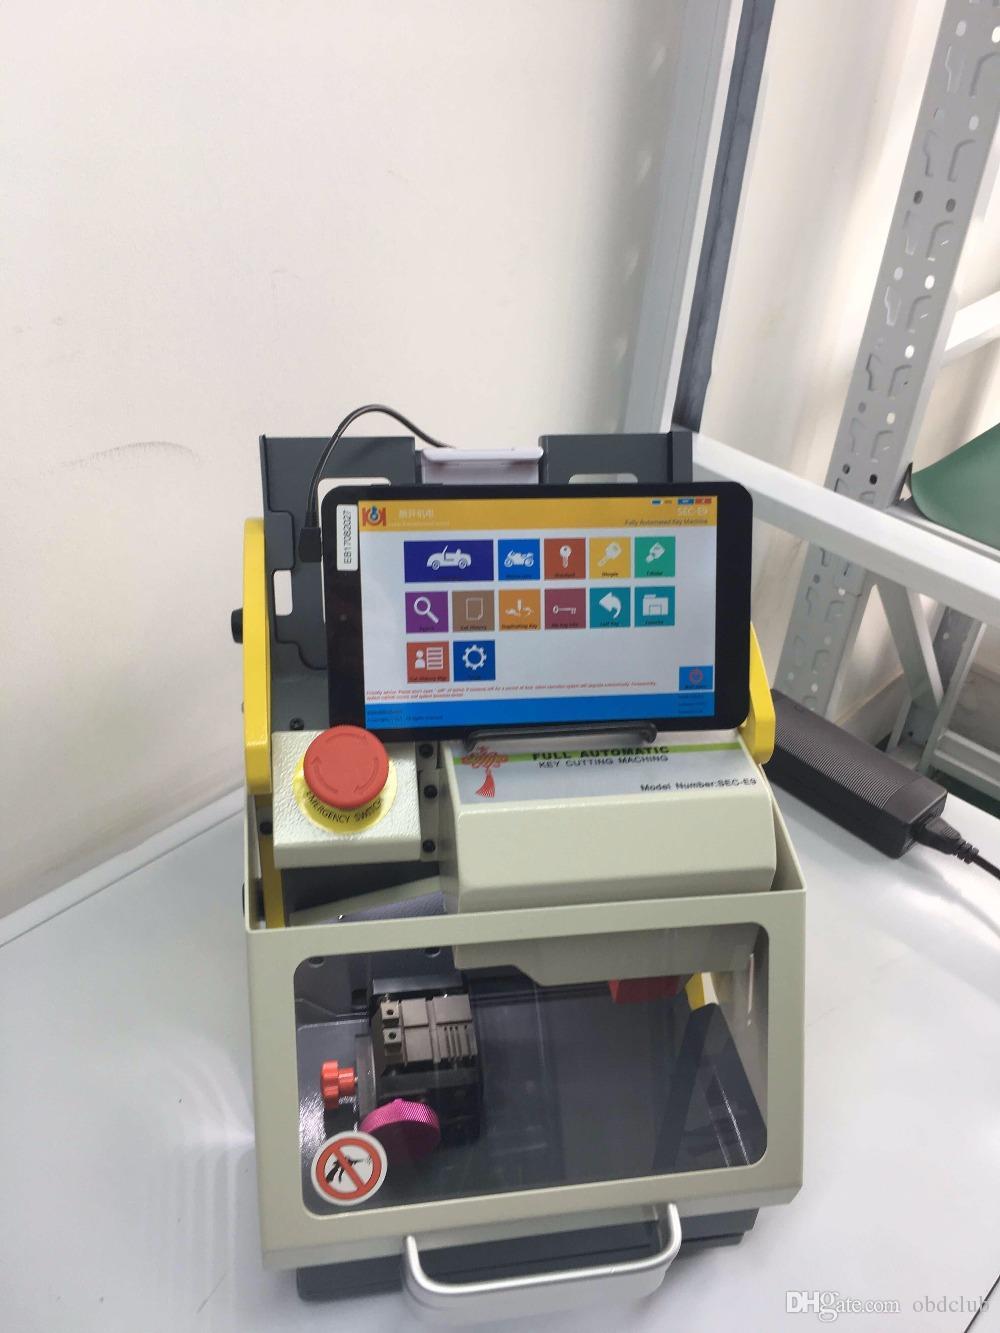 Tüm arabalar için 2018 Tam Otomatik SEC-E9 Anahtar Kesme Makinesi Otomatik Anahtar Programcı / wenxing SEC-E9 anahtar kesme makinesi silca / anahtar makinesi